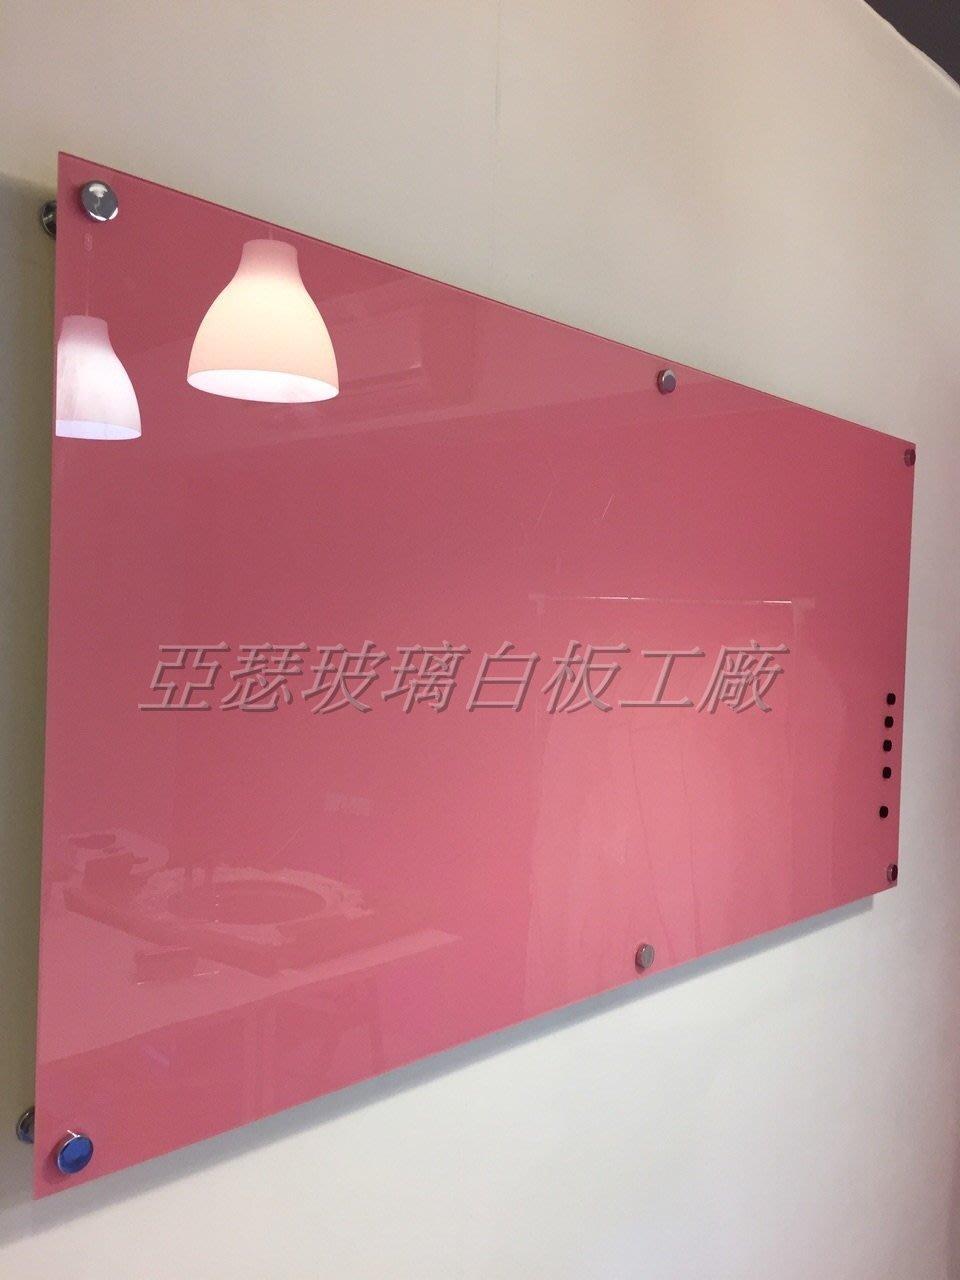 亞瑟 玻璃白板+鋁迴轉架 活動架 防眩光玻璃 磁性玻璃 超白玻璃 網路最低價 送磁鐵配件組 限時促銷 數量有限 送完為止